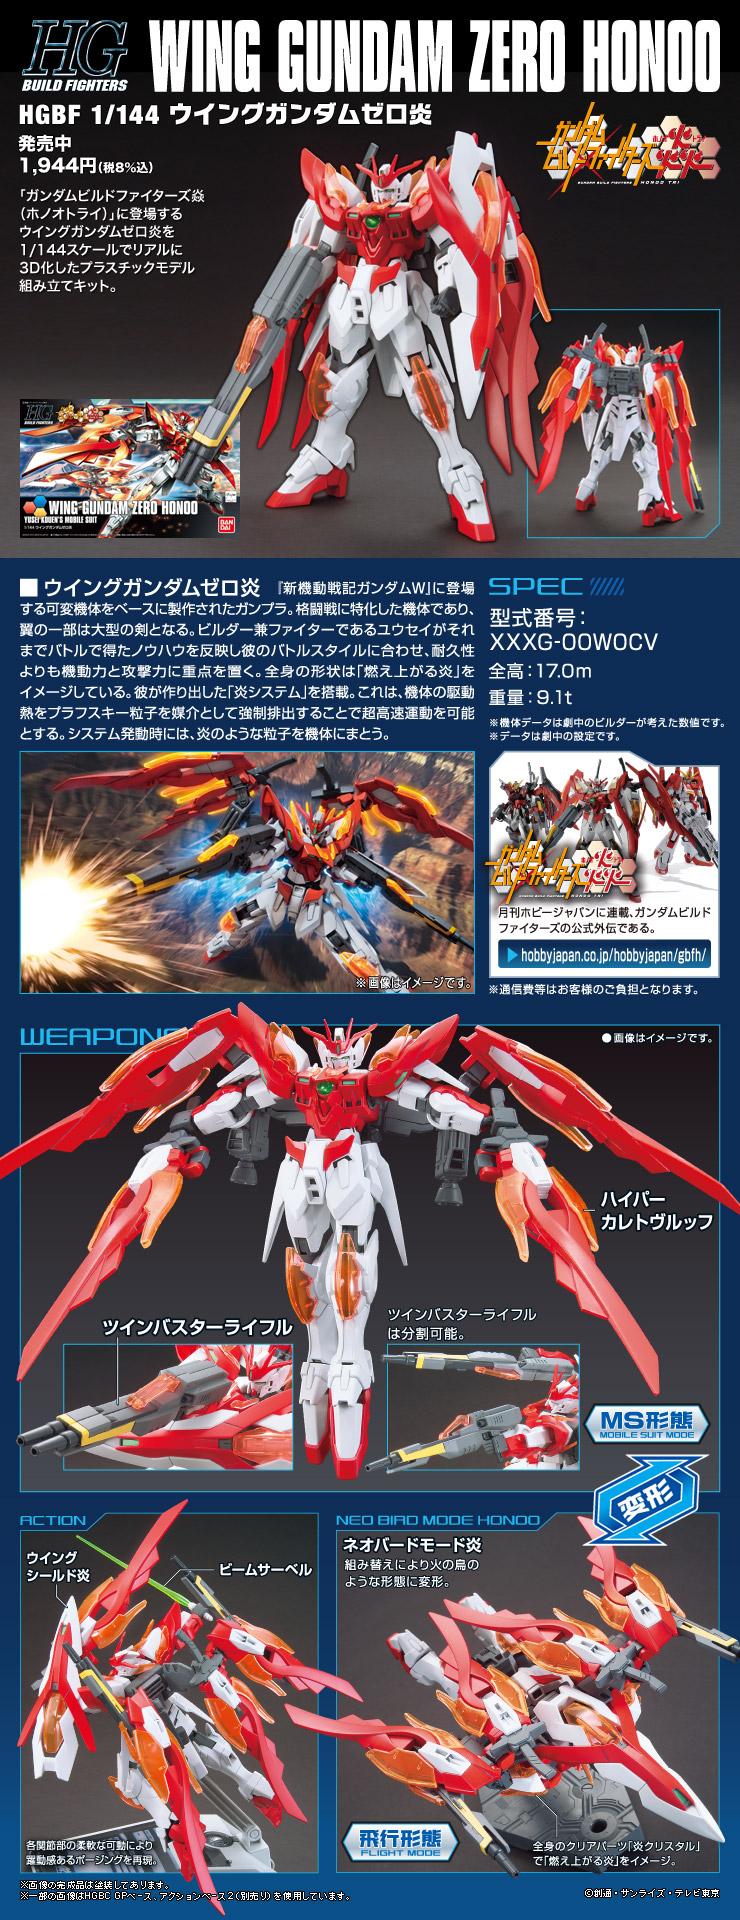 HGBF 1/144 XXXG-00W0CV ウイングガンダムゼロ炎 [Wing Gundam Zero Honoo] 公式商品説明(画像)